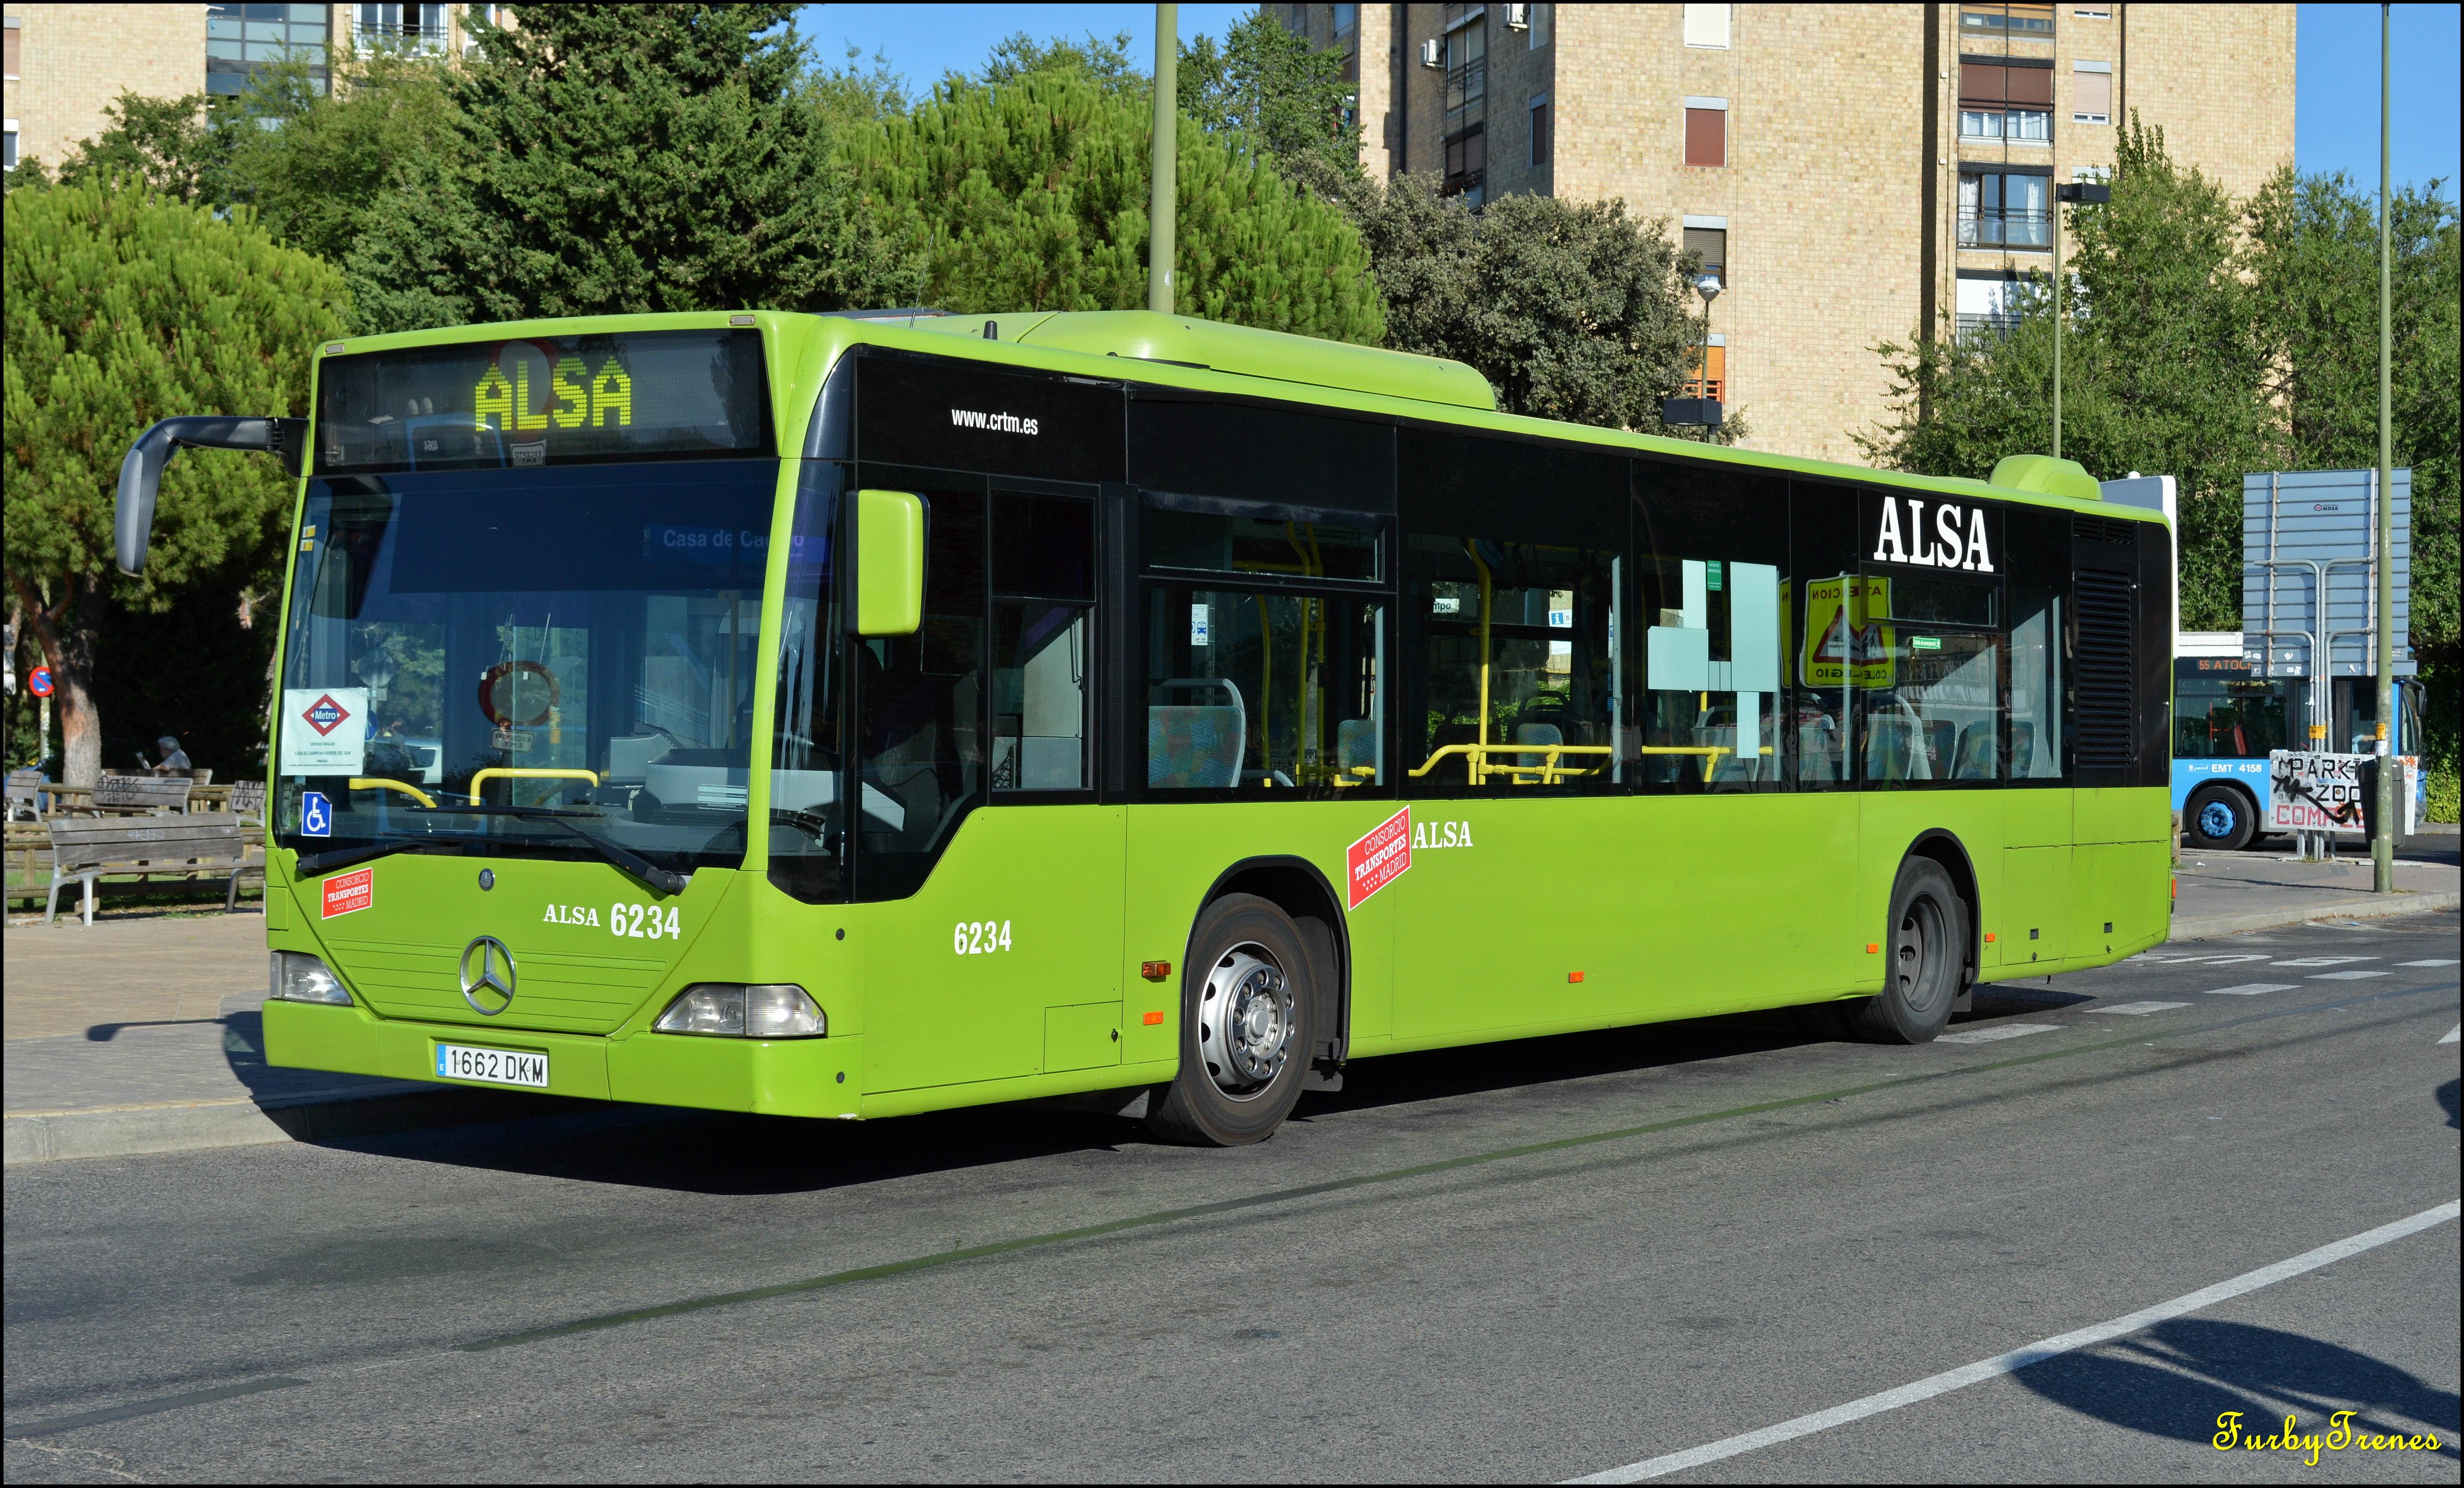 Empresa ALSA - Página 5 16025905816_6536a2b0b6_o